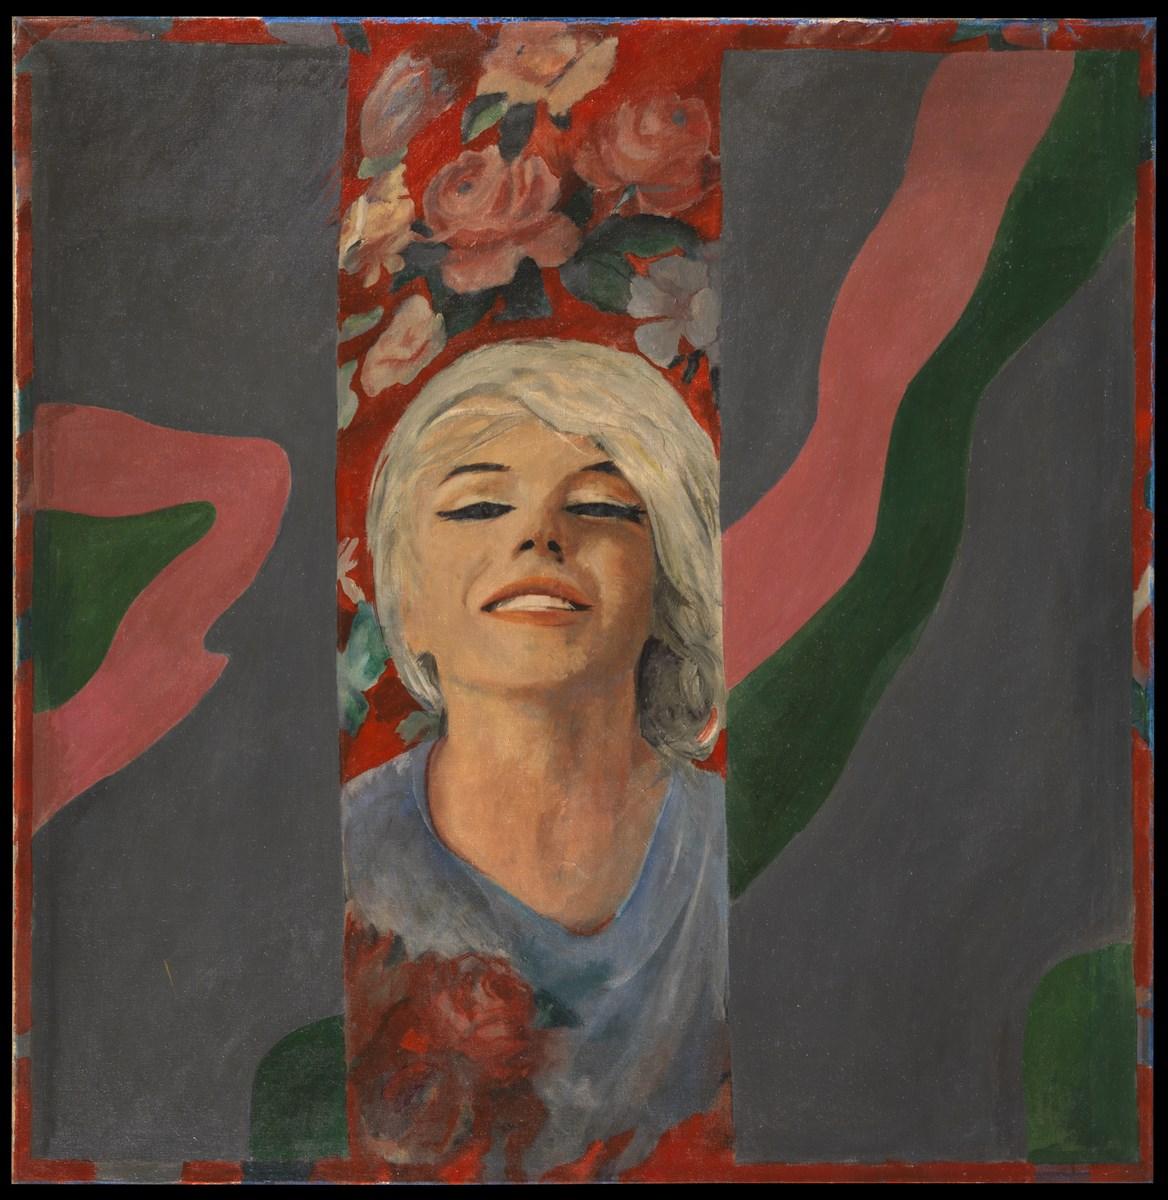 """Pauline Boty, """"Colour her gone"""", 1962 (źródło: materiały prasowe organizatora)"""